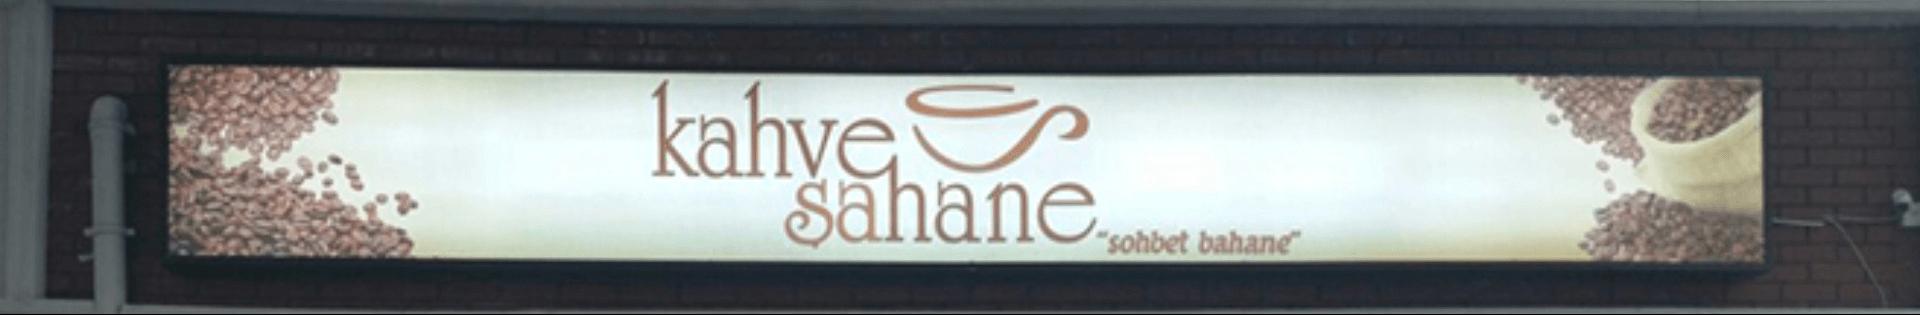 Kahve Şahane